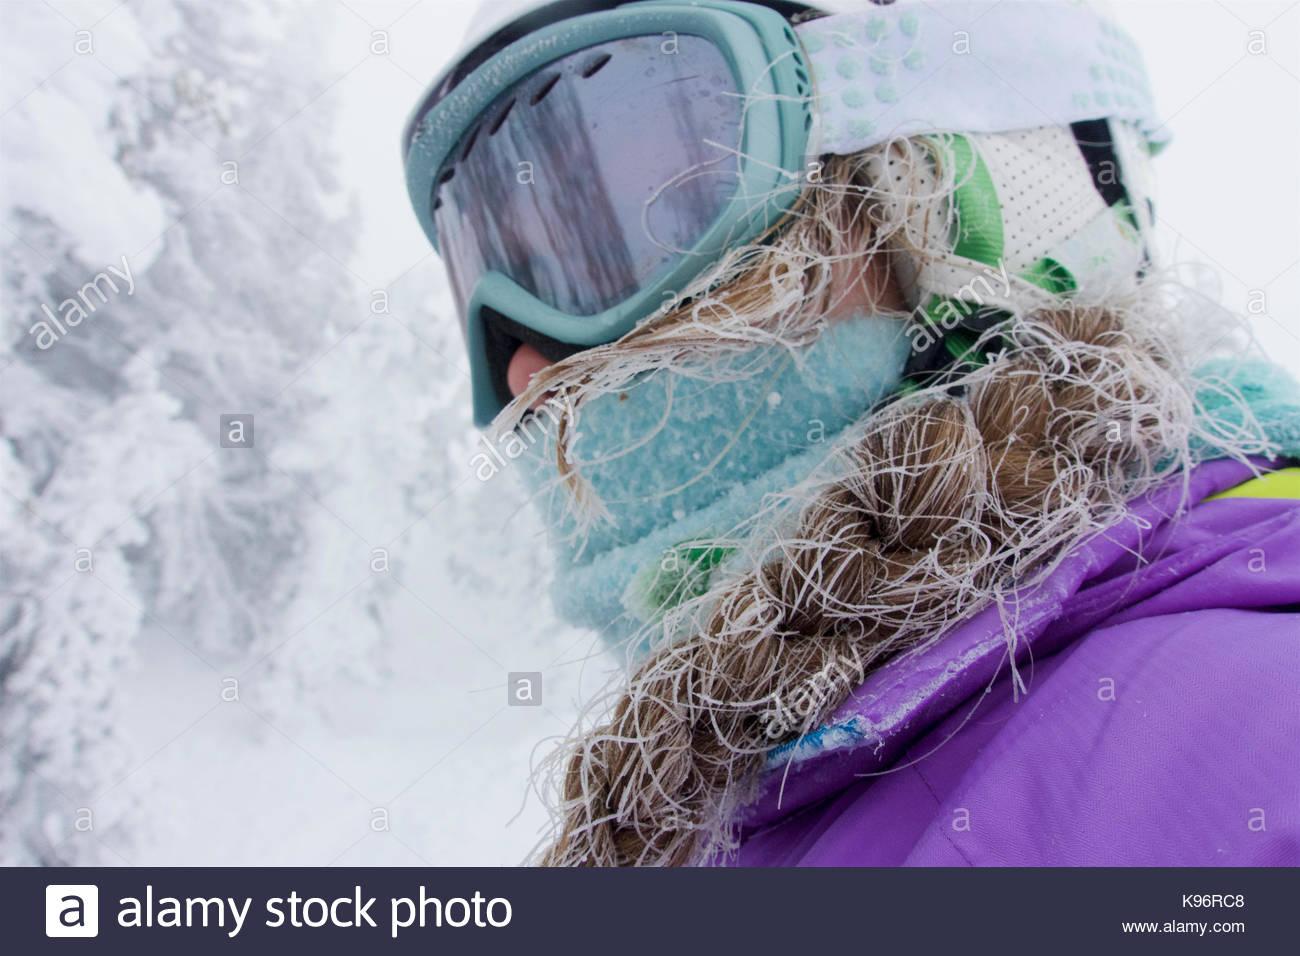 Una adolescente, con el pelo escarchado de esquí en una niebla fría Grand Targhee, en las montañas. Imagen De Stock